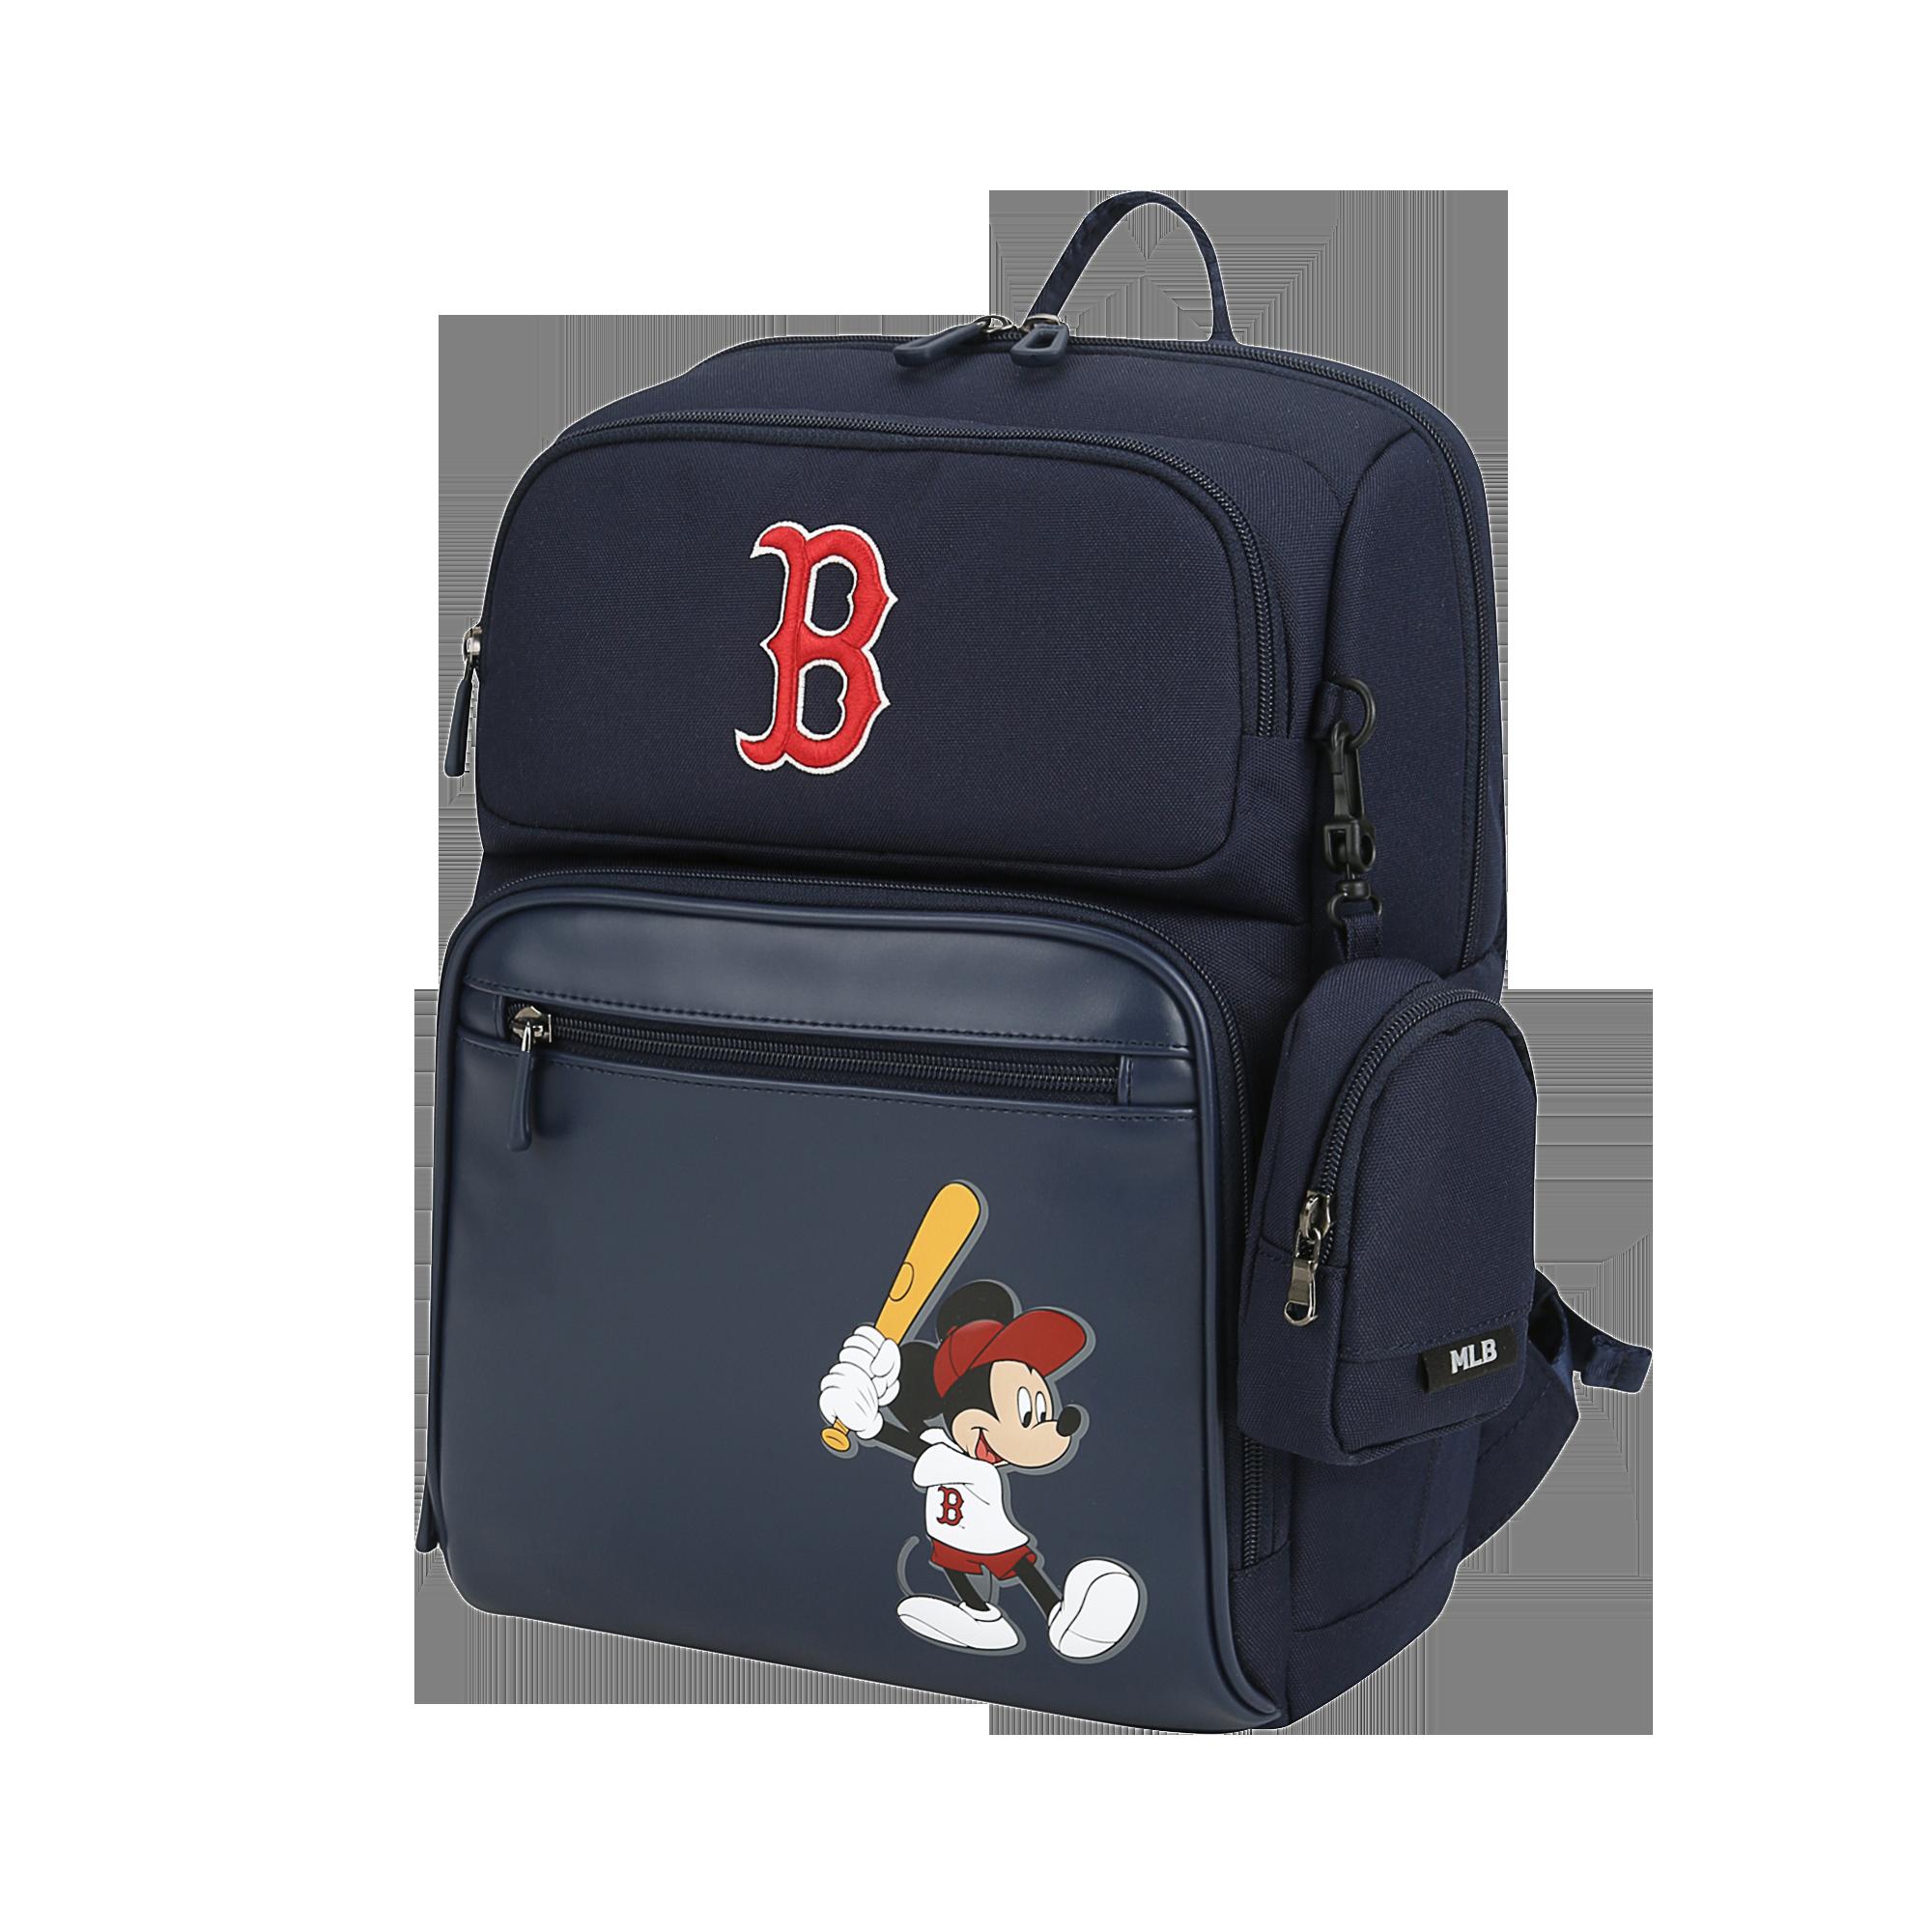 MLB x DISNEY 미키마우스 백팩 보스턴레드삭스